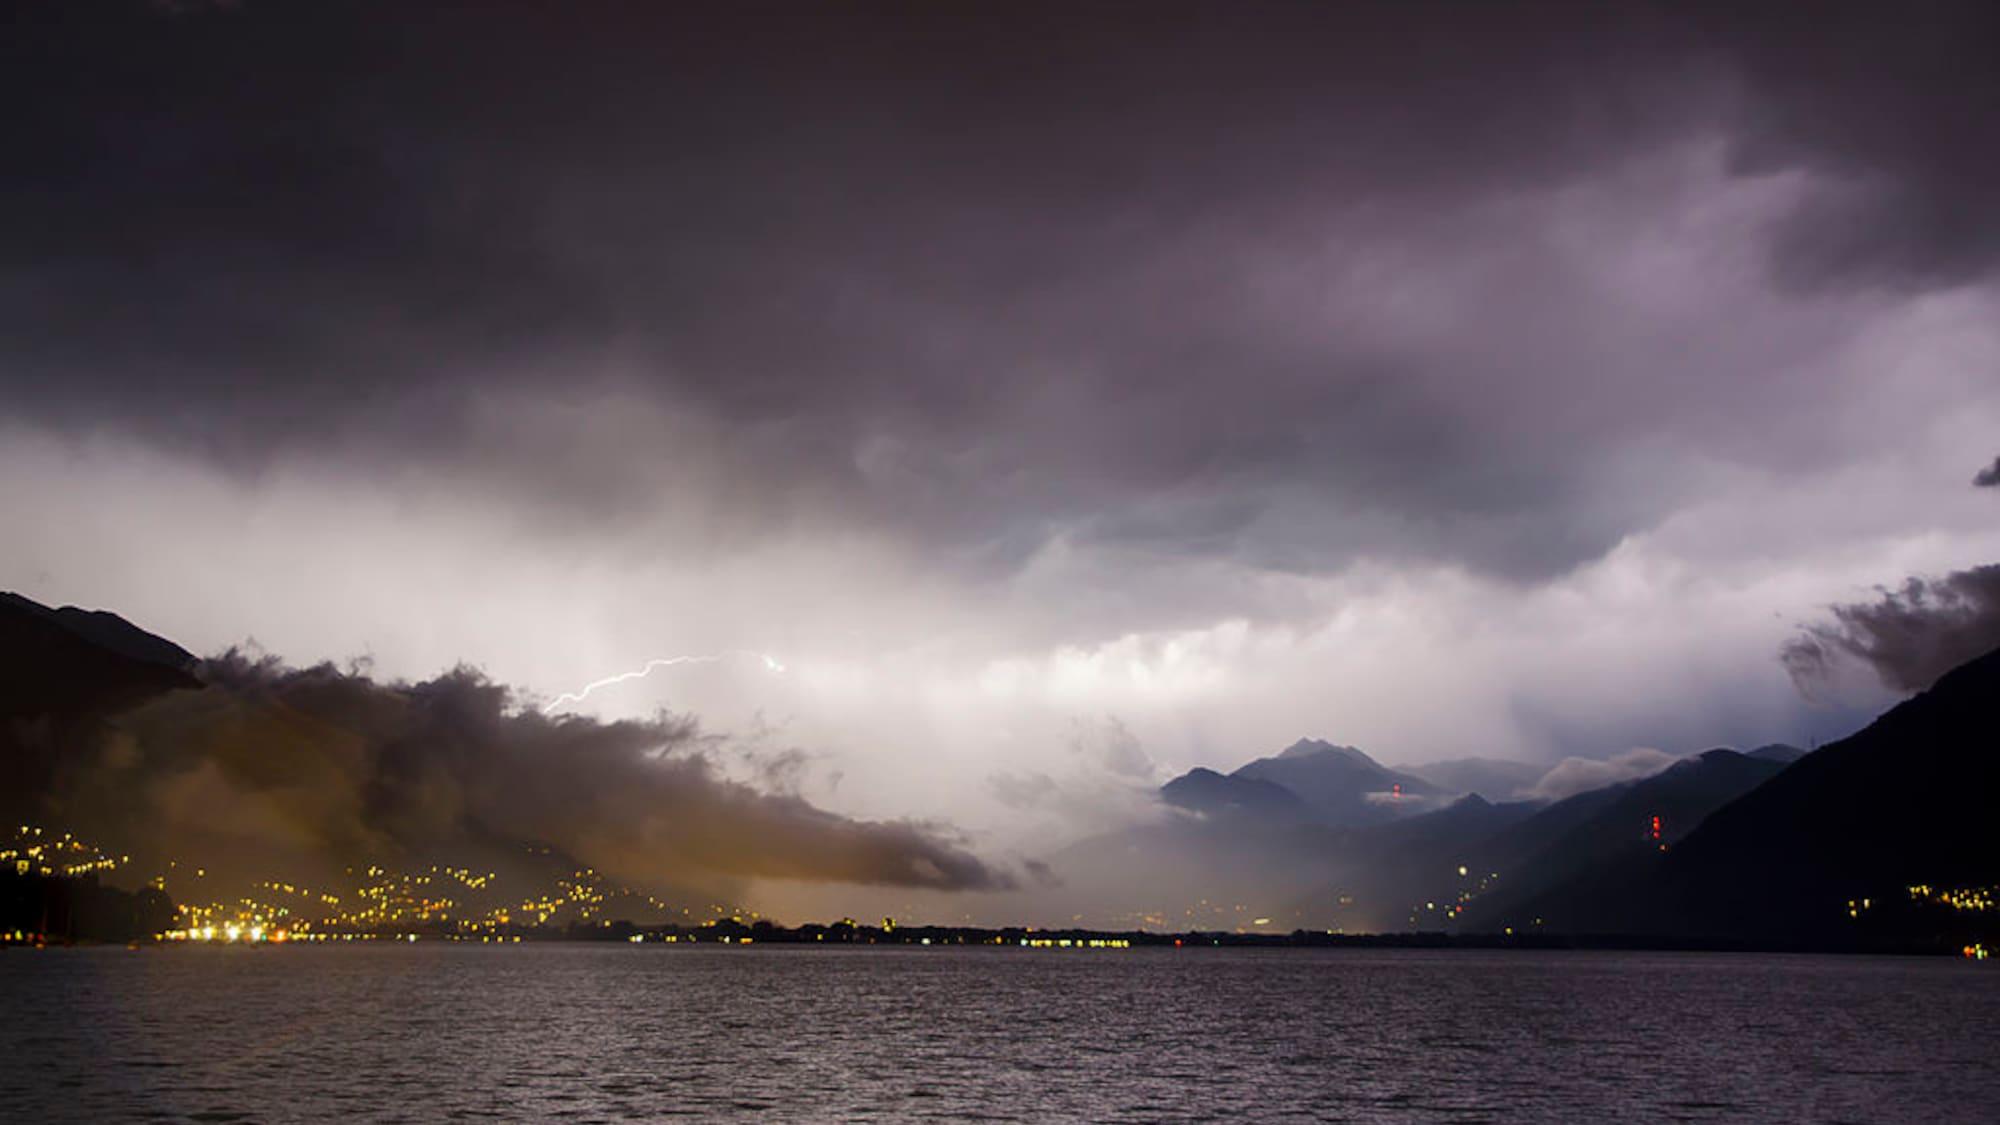 Teils heftige Gewitter: So wird das Wetter heute